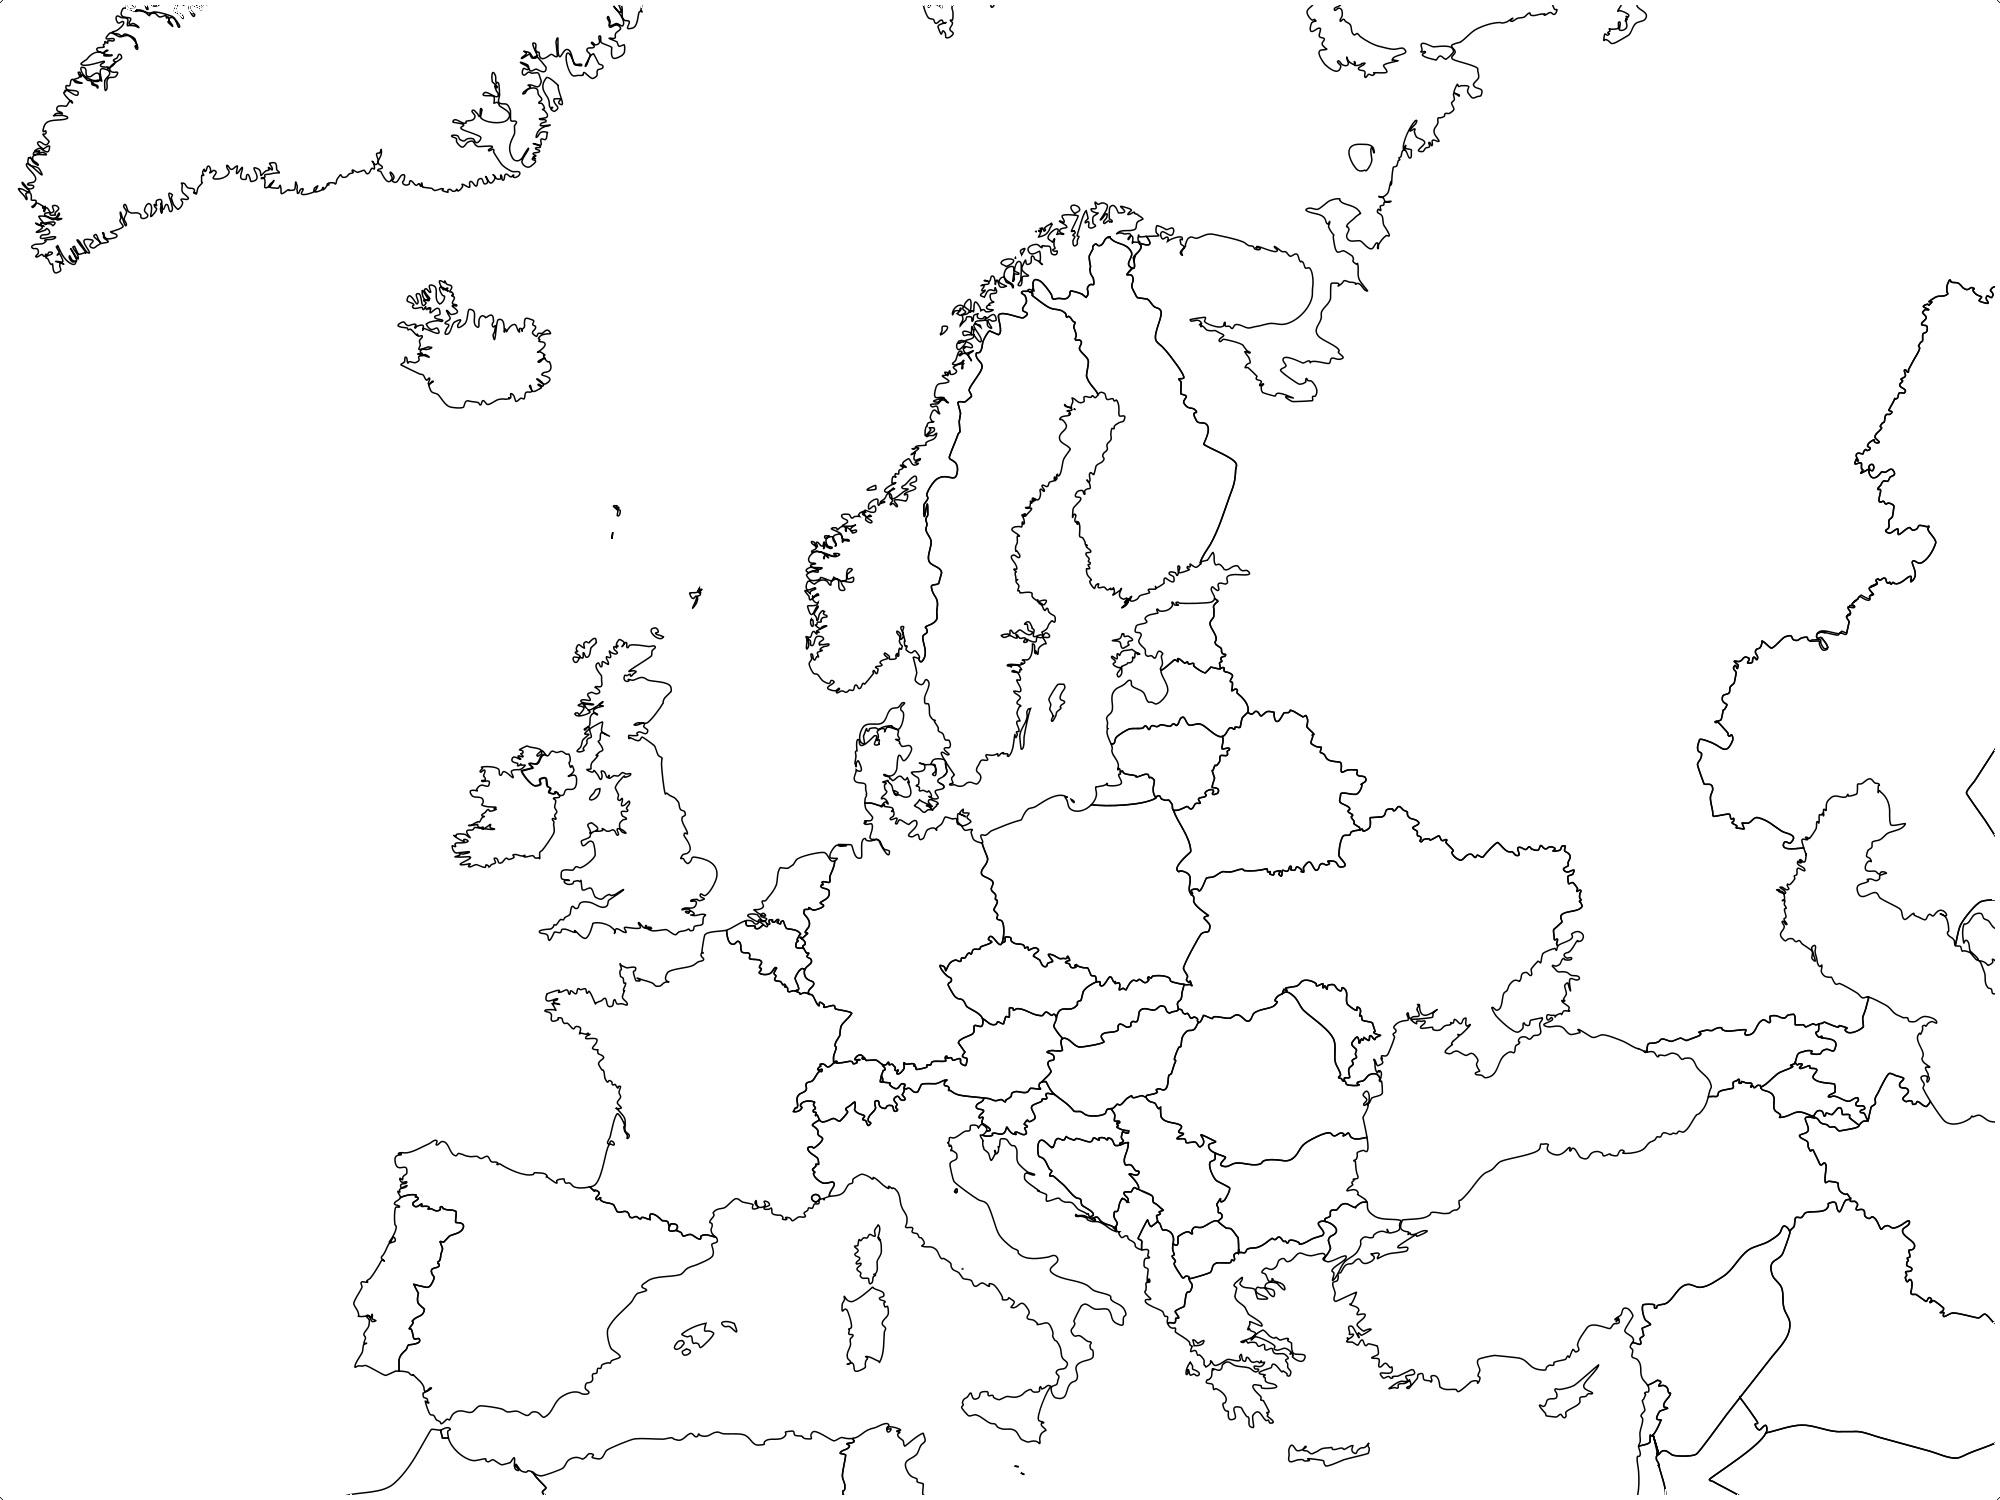 Mapa Europa Para Imprimir.Mapas De Europa 2019 Mas De 200 Imagenes Para Imprimir